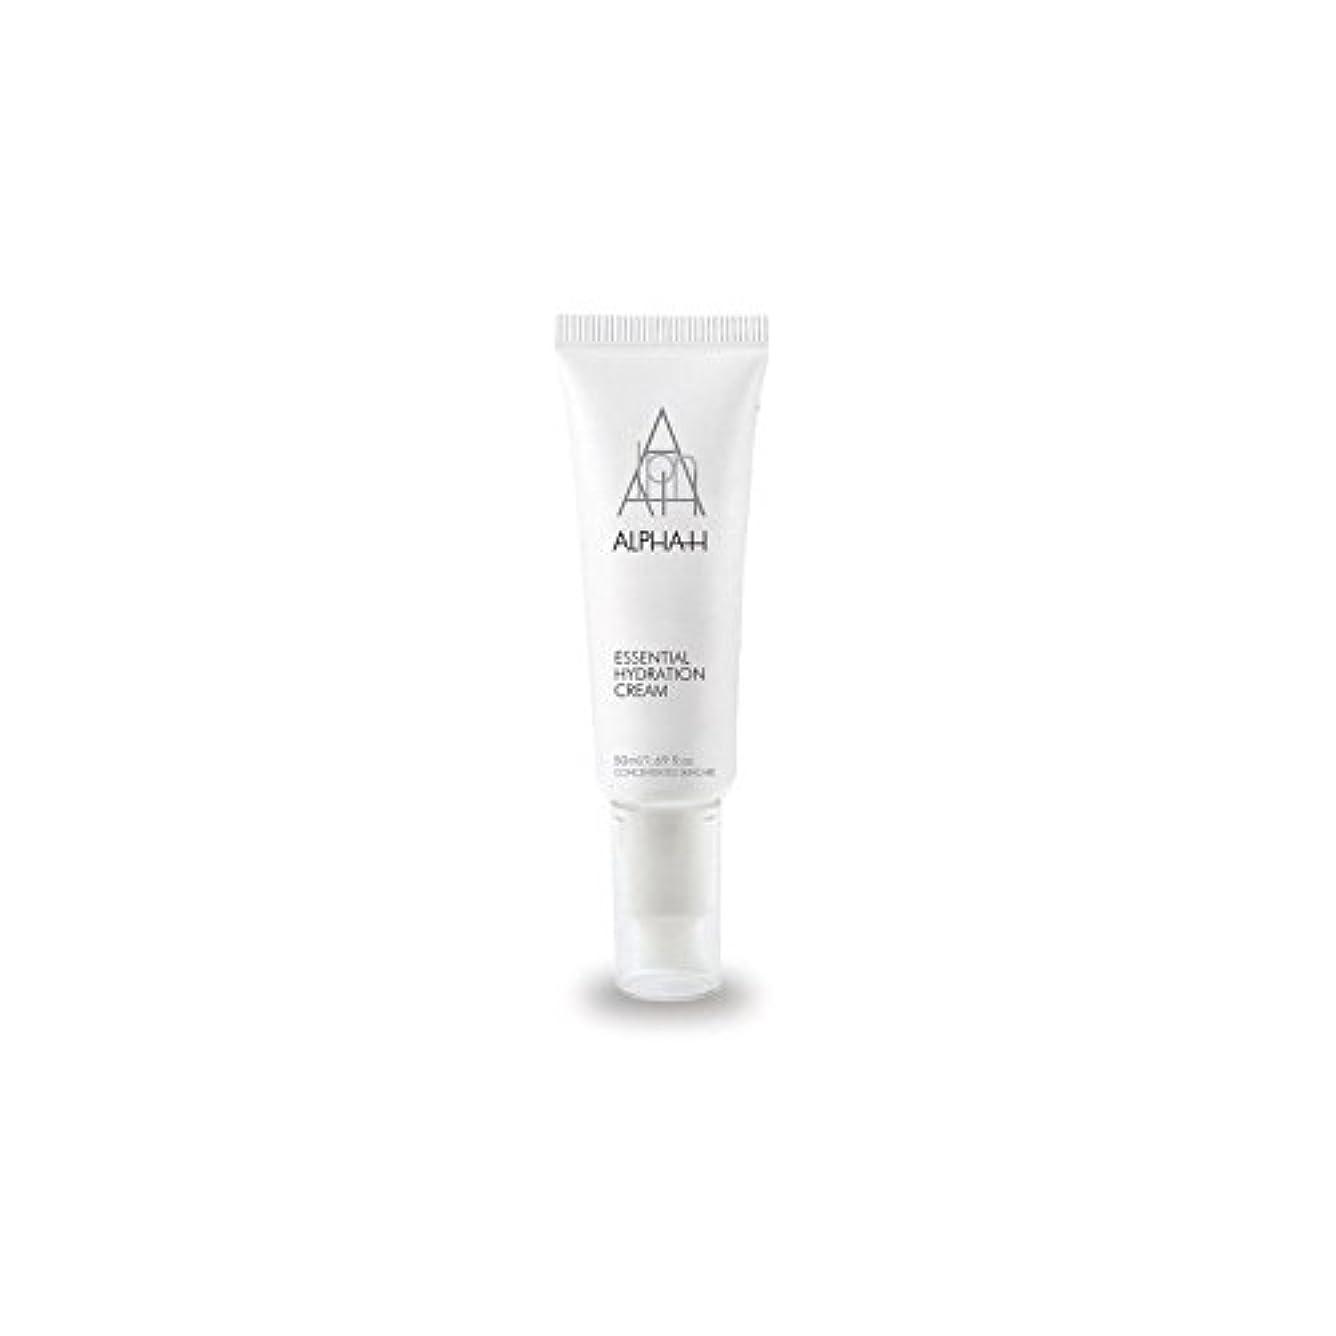 ティームすべてコショウAlpha-H Essential Hydration Cream (50ml) - アルファ必須水和クリーム(50)中 [並行輸入品]